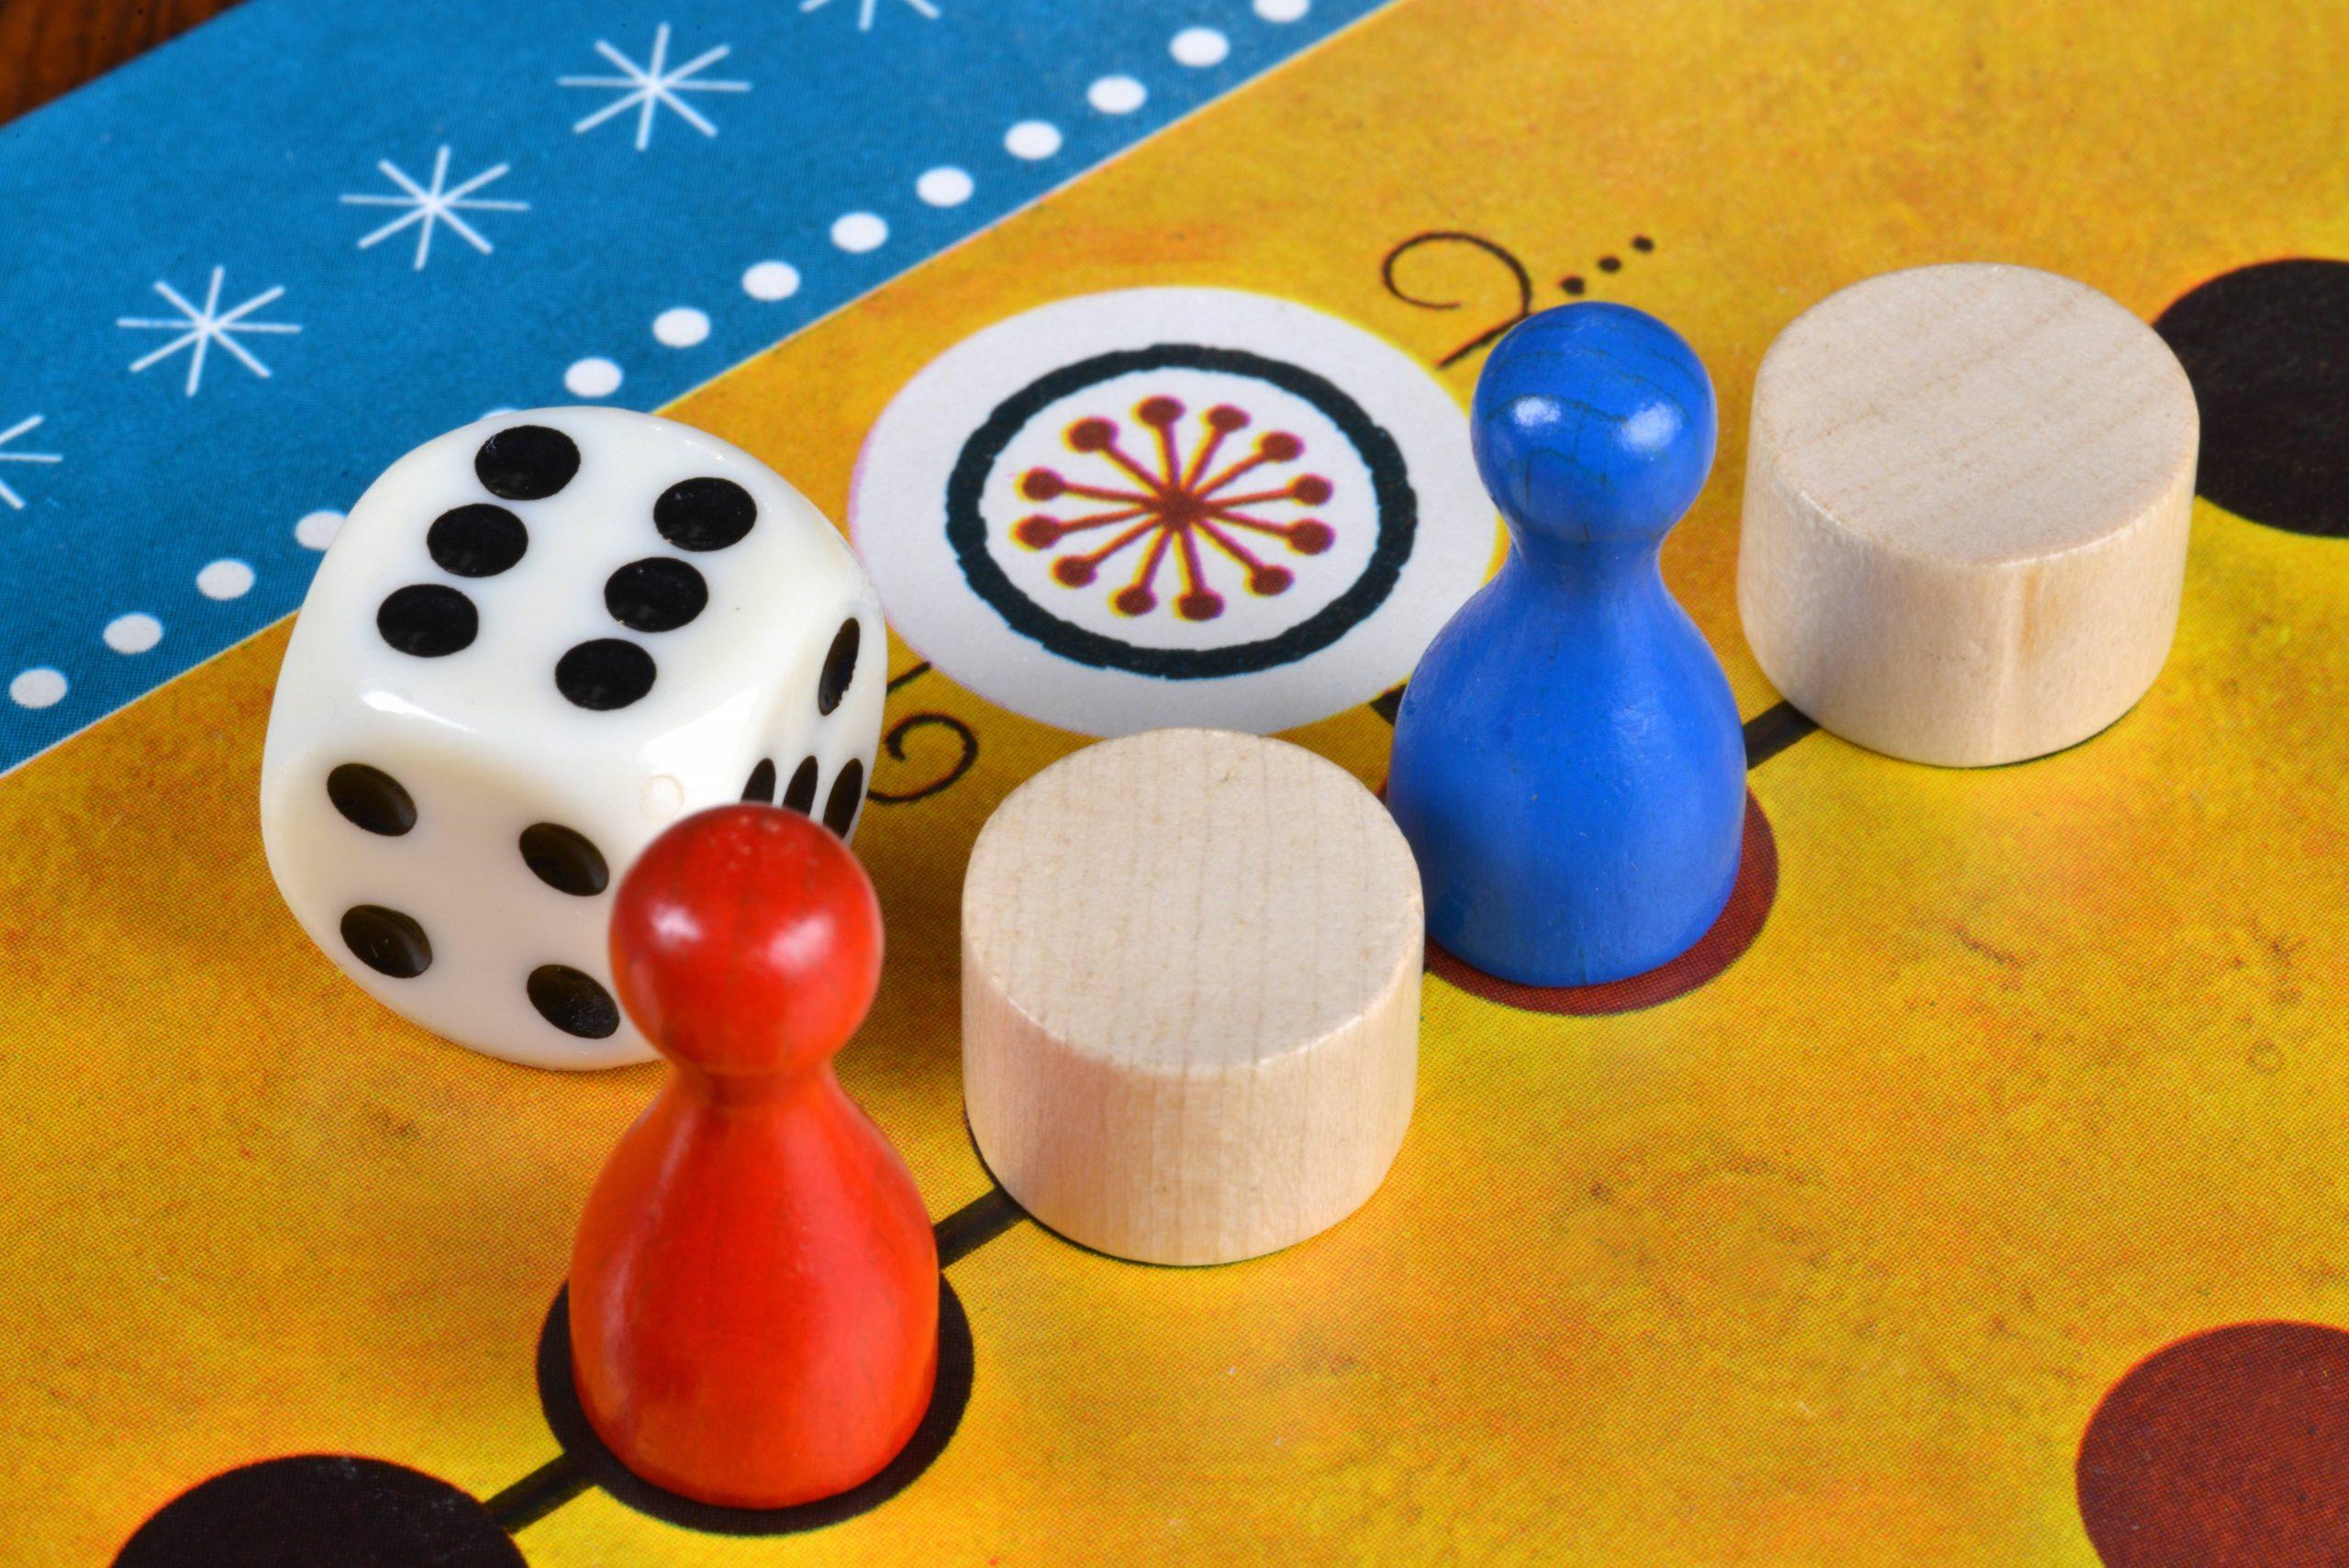 Coole Spiele Die Man Zu Zweit Spielen Kann